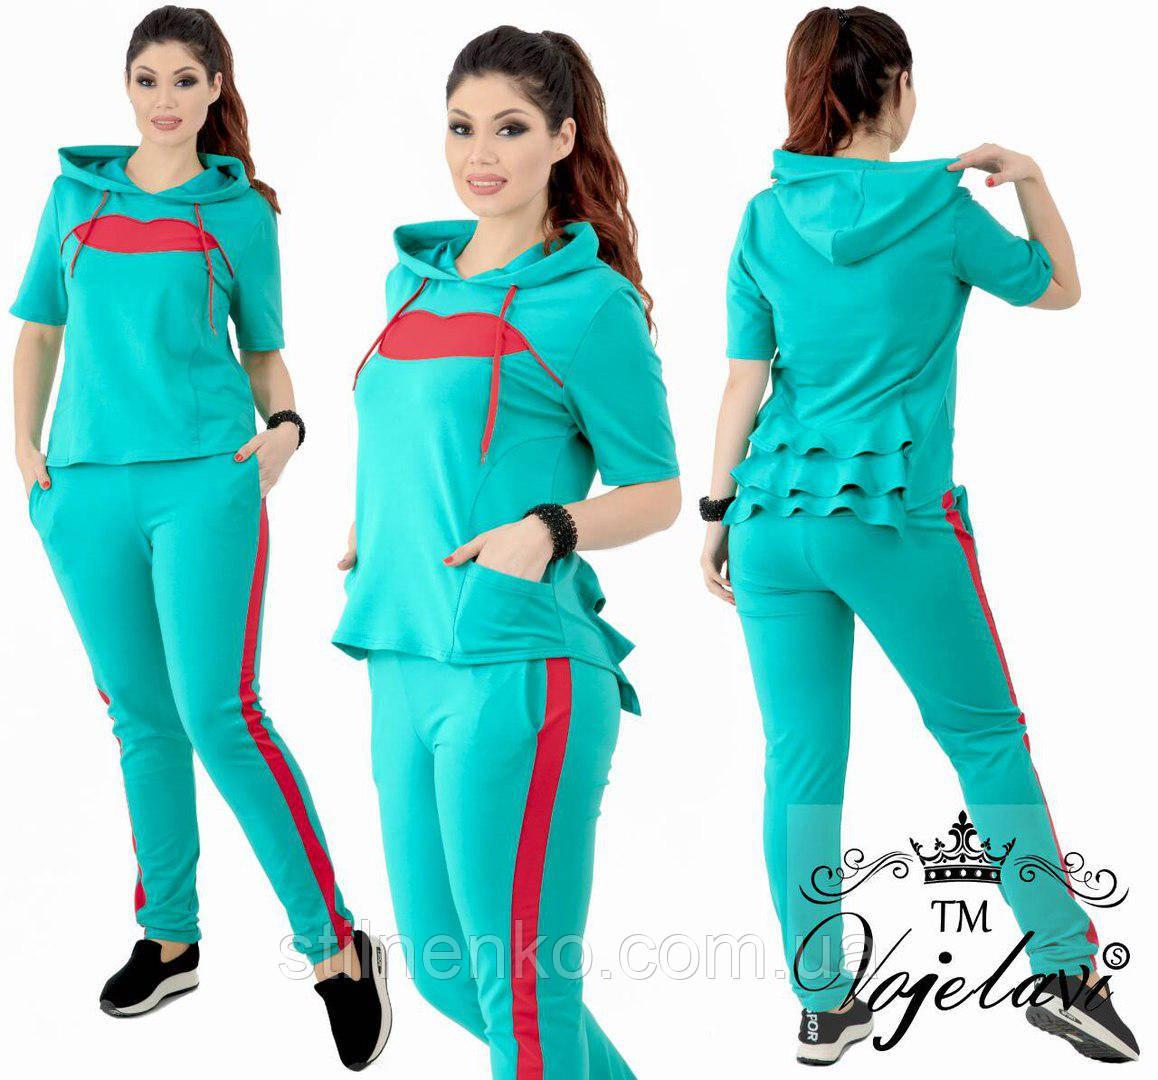 6794388cc7a Спортивный костюм для женщин двухнитка -